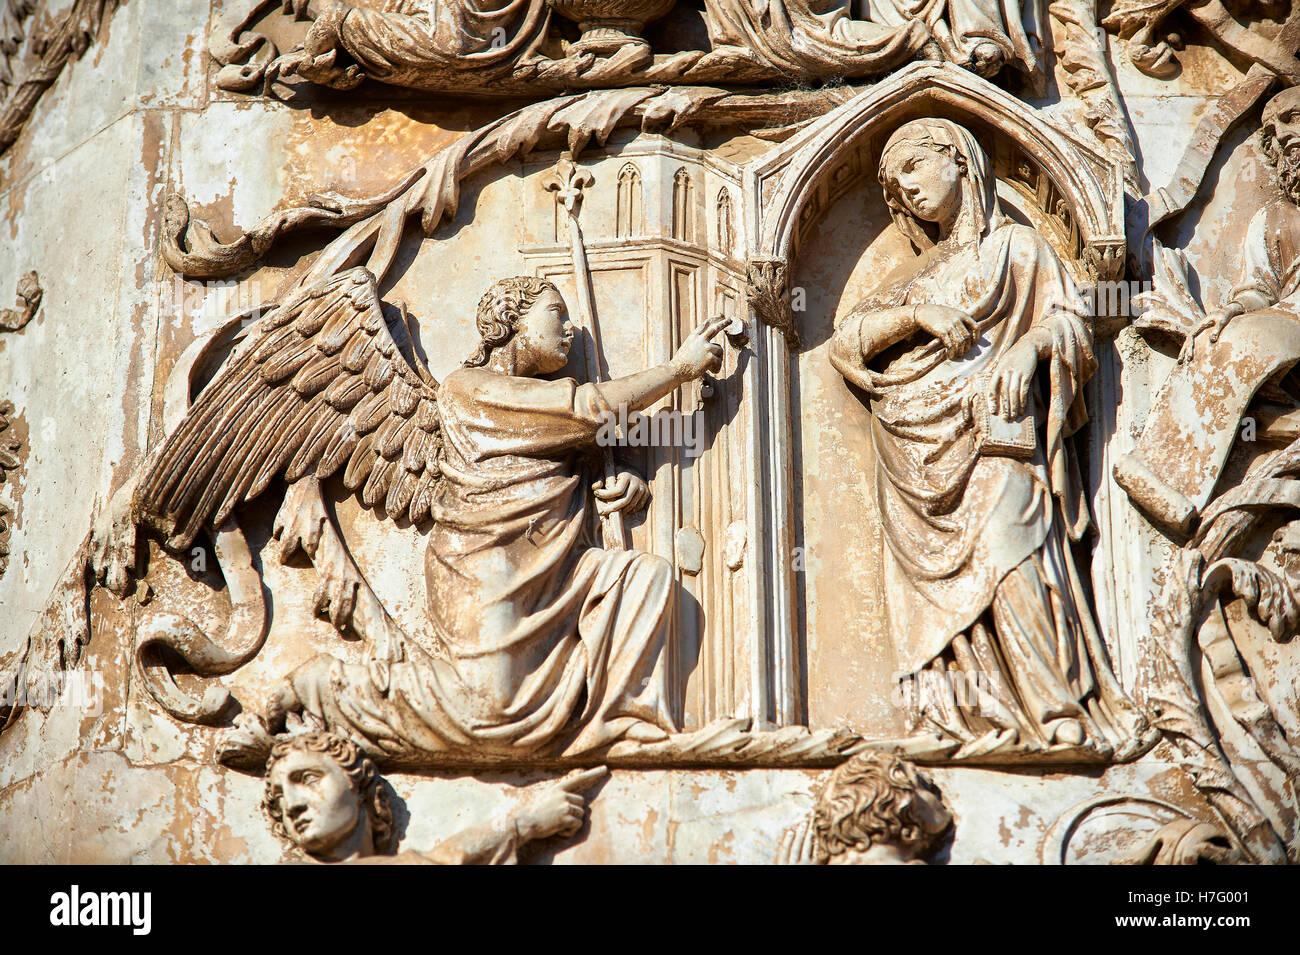 Bas-relief de l'annonciation par Maitani, vers1310, façade gothique toscan, Cathédrale d'Orvieto, Photo Stock